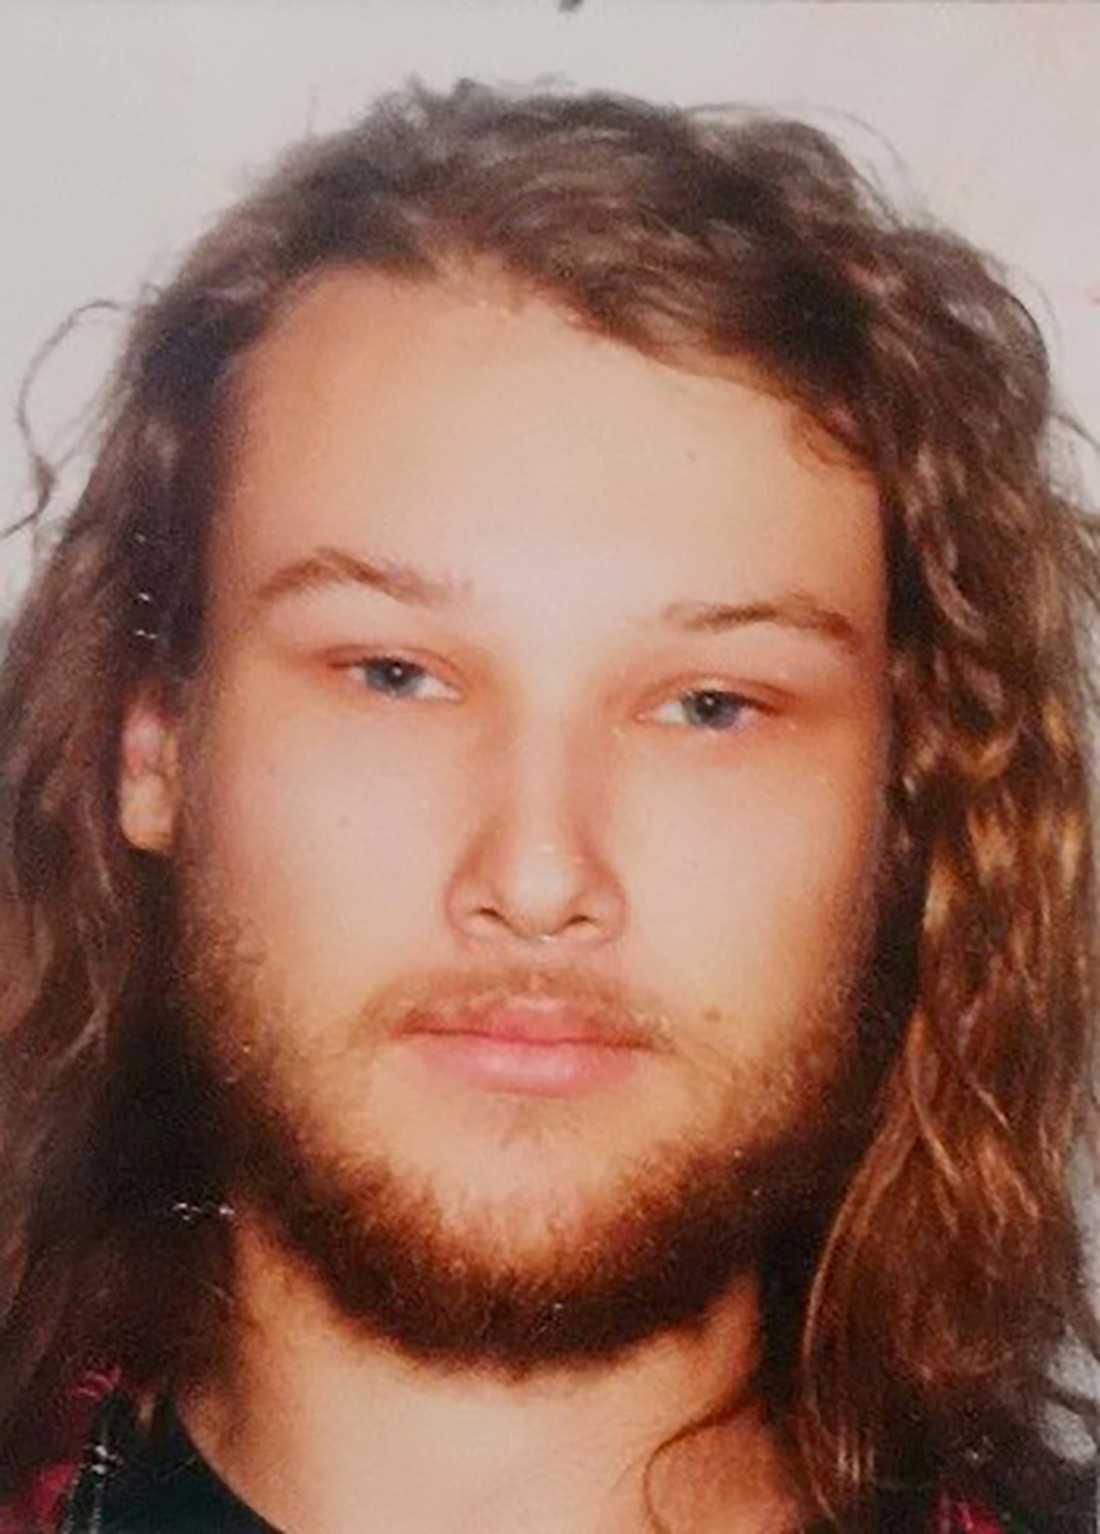 Lucas Fowler, 23, hittades ihjälskjuten den 15 juli.